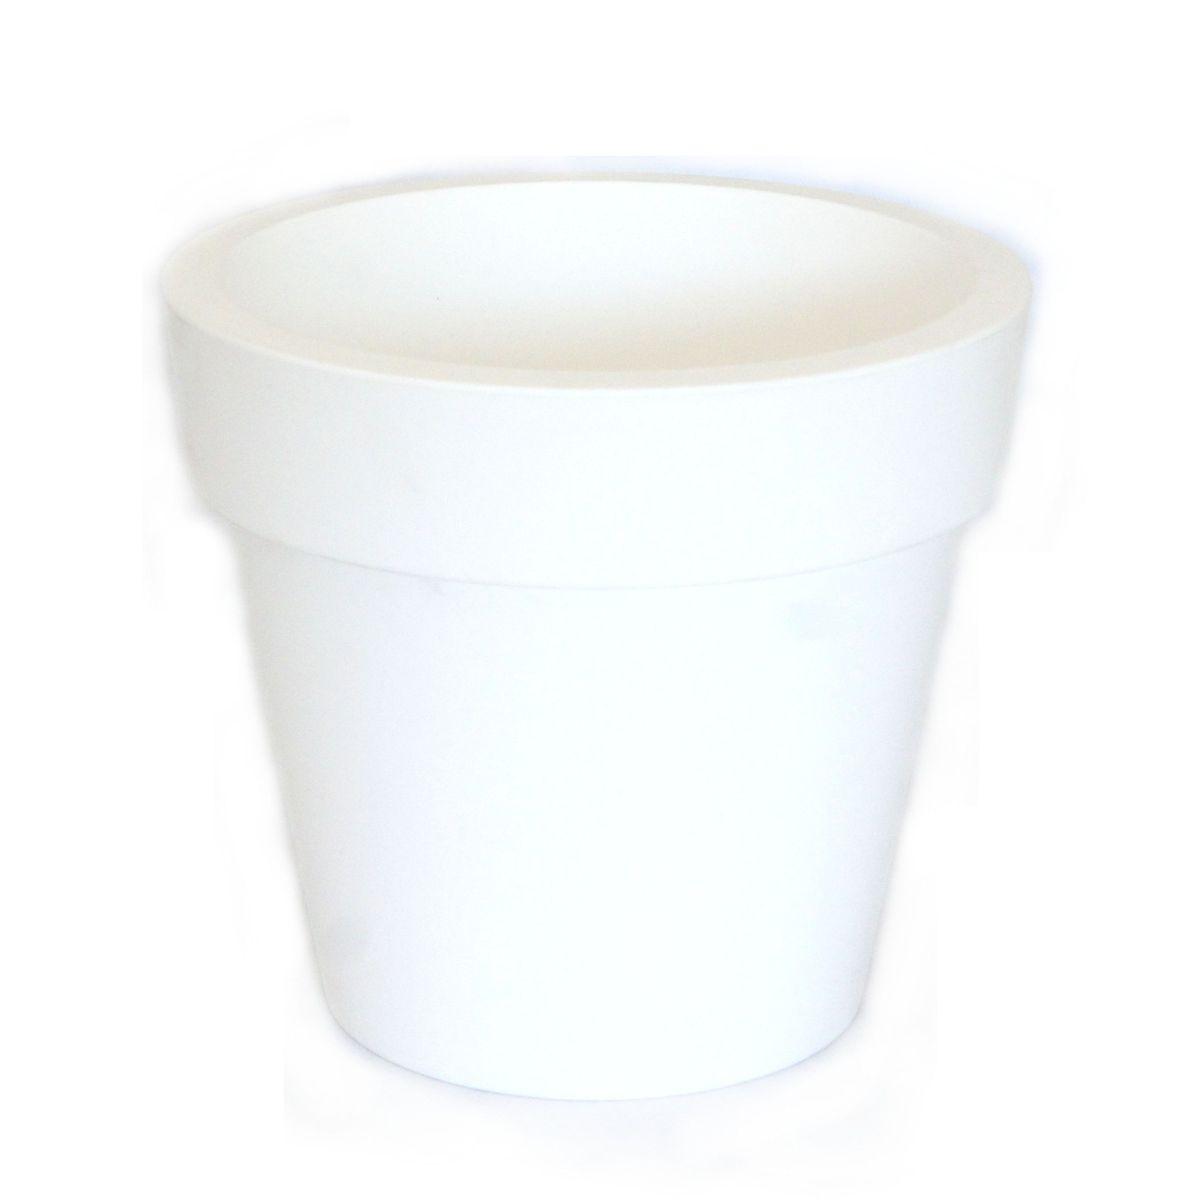 Кашпо JetPlast Порто, со вставкой, цвет: белый, 1 л4612754051298Кашпо JetPlast Порто выполнено из полипропилена. Оно имеет классическую форму с внутренней вставкой-горшком. Дренажная вставка позволяет легко поливать растения без использования дополнительного поддона. Вместительный объем кашпо позволяет высаживать самые разнообразные растения, а съемная вставка избавит вас от грязи и подчеркнет красоту цветка.